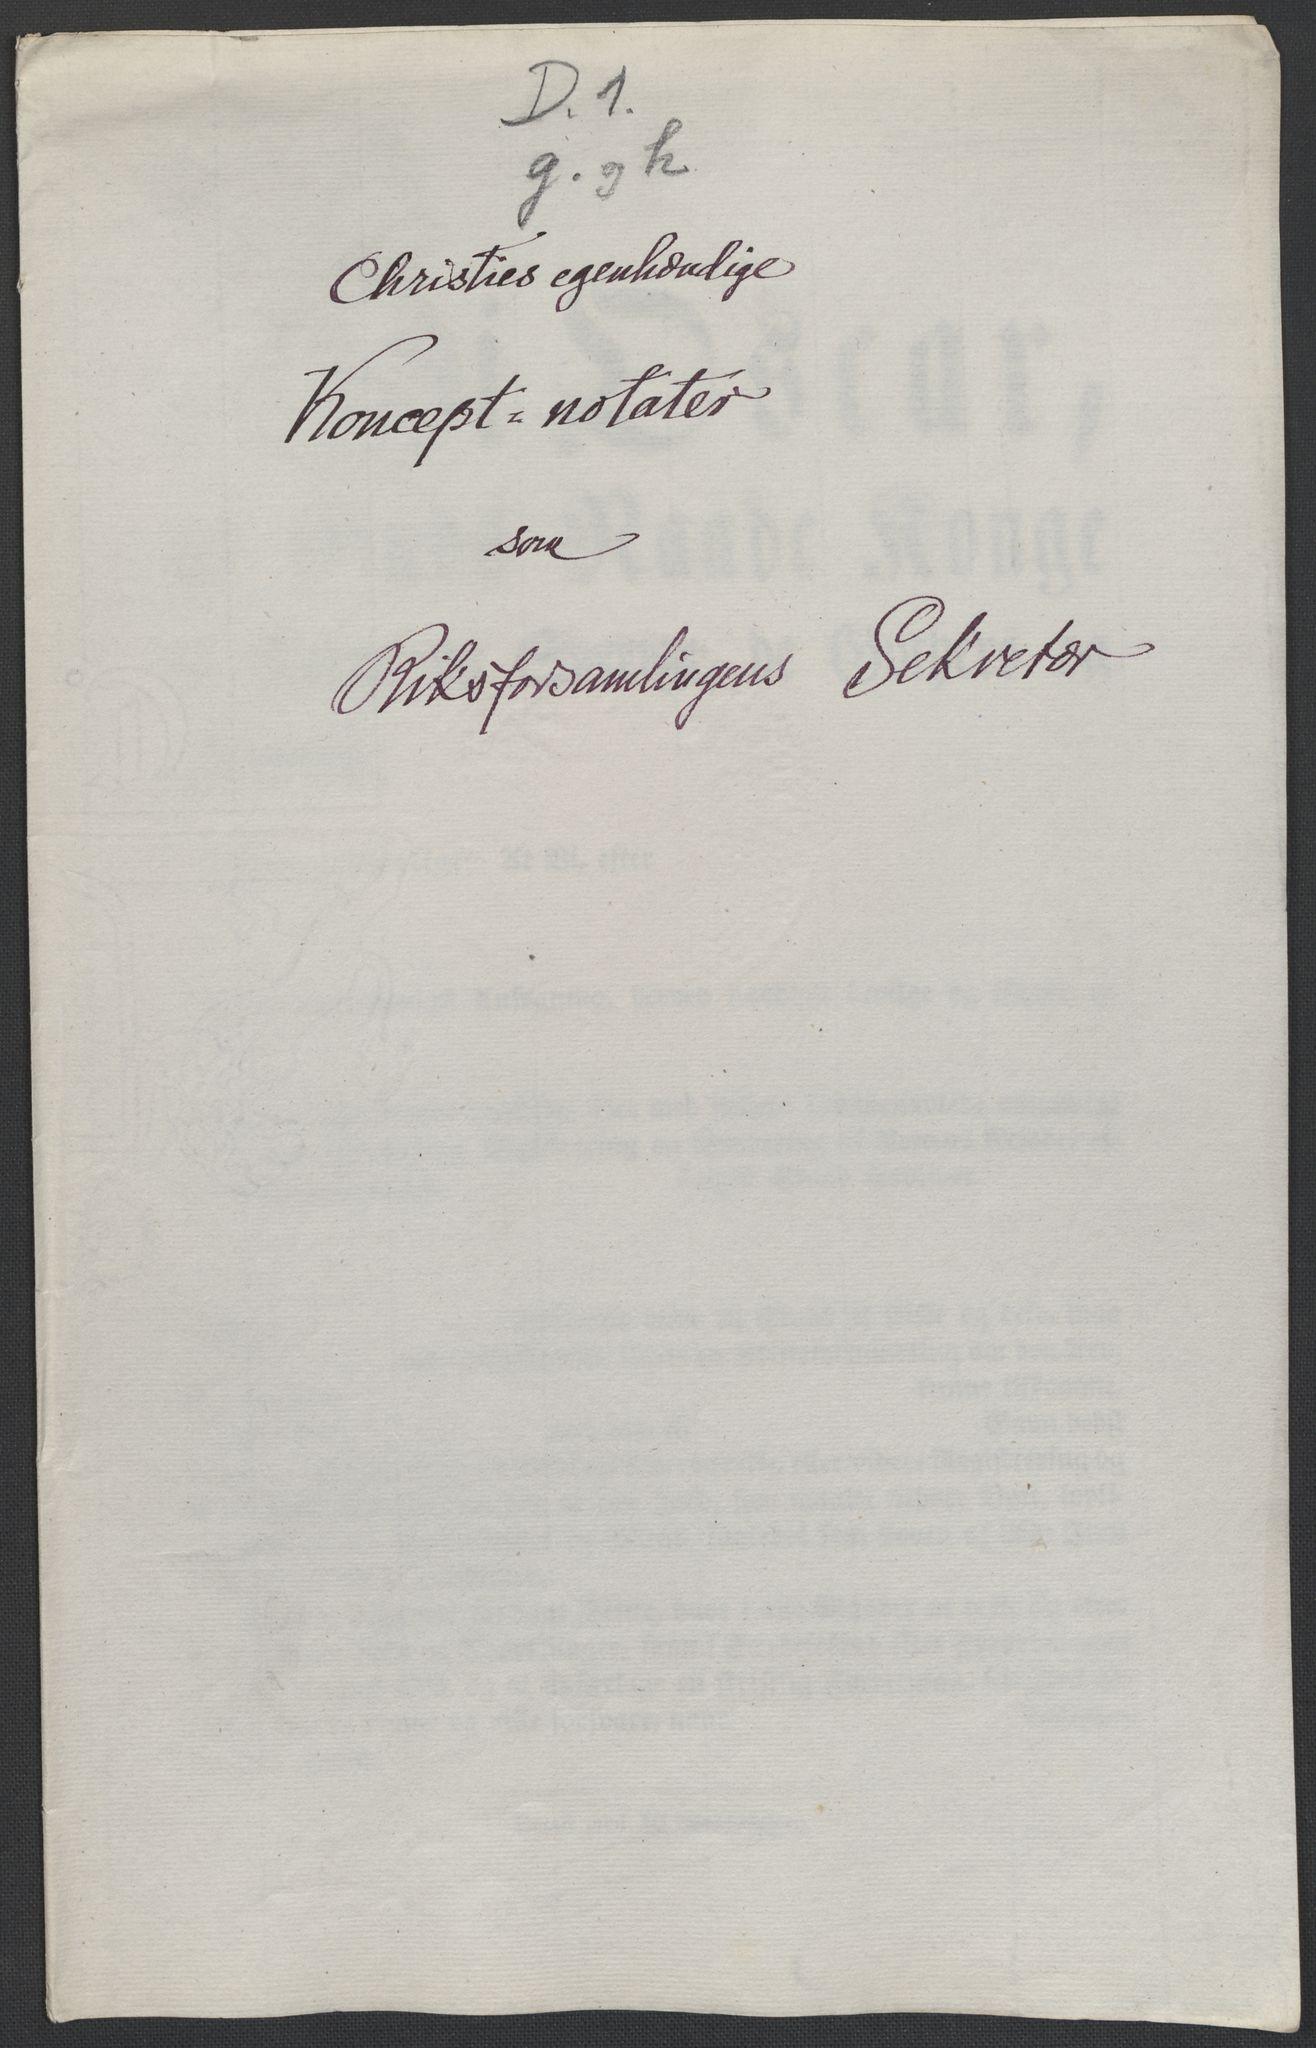 RA, Christie, Wilhelm Frimann Koren, F/L0004, 1814, s. 128